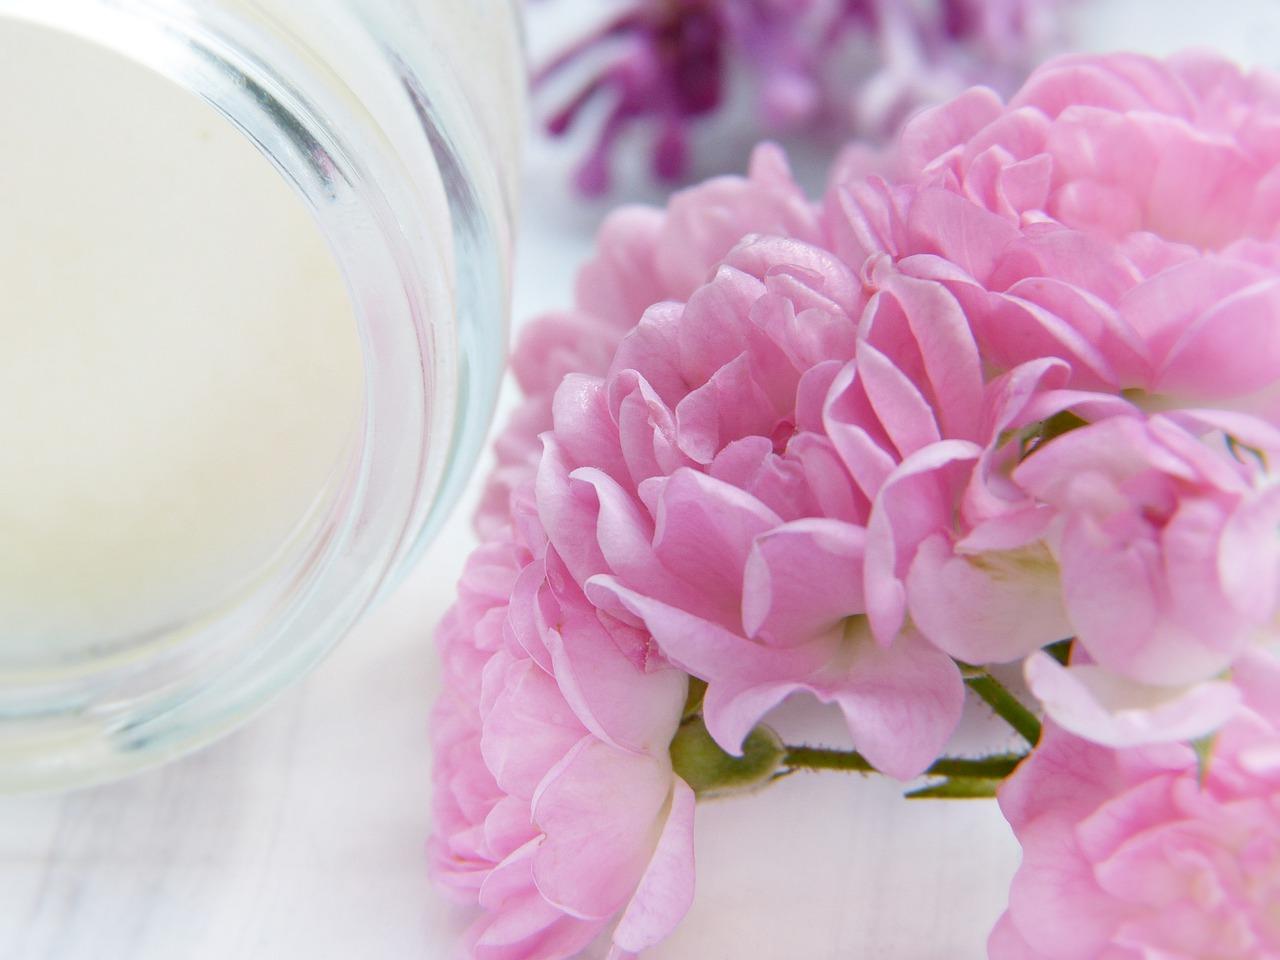 Benefícios Antiidade dos Peptídeos nos Produtos de Skincare